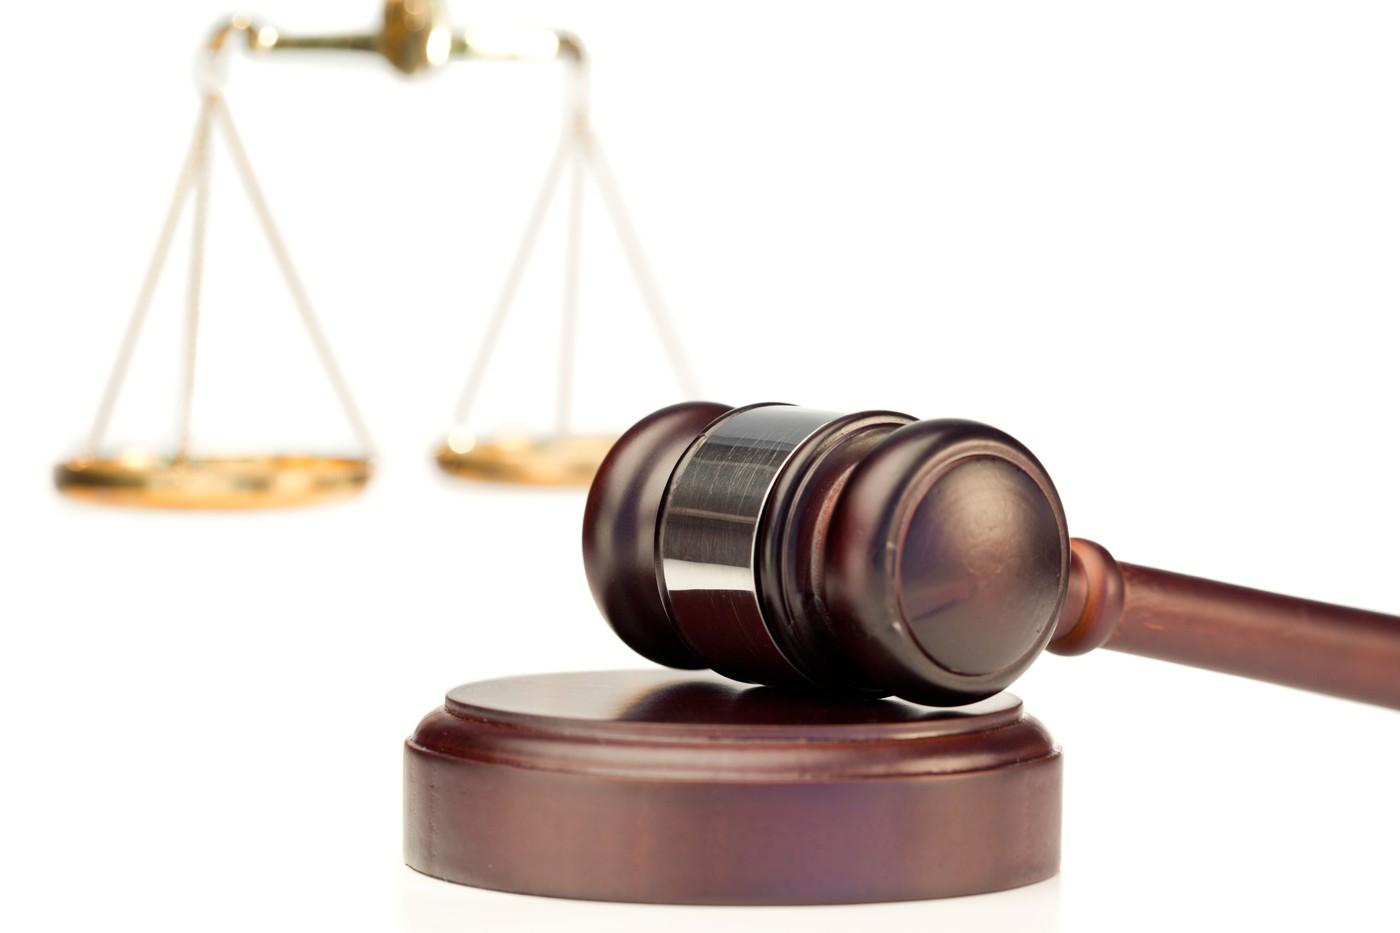 Srbija i Hrvatska neravnopravne u sukcesiji, menja li nešto presuda beogradskog suda